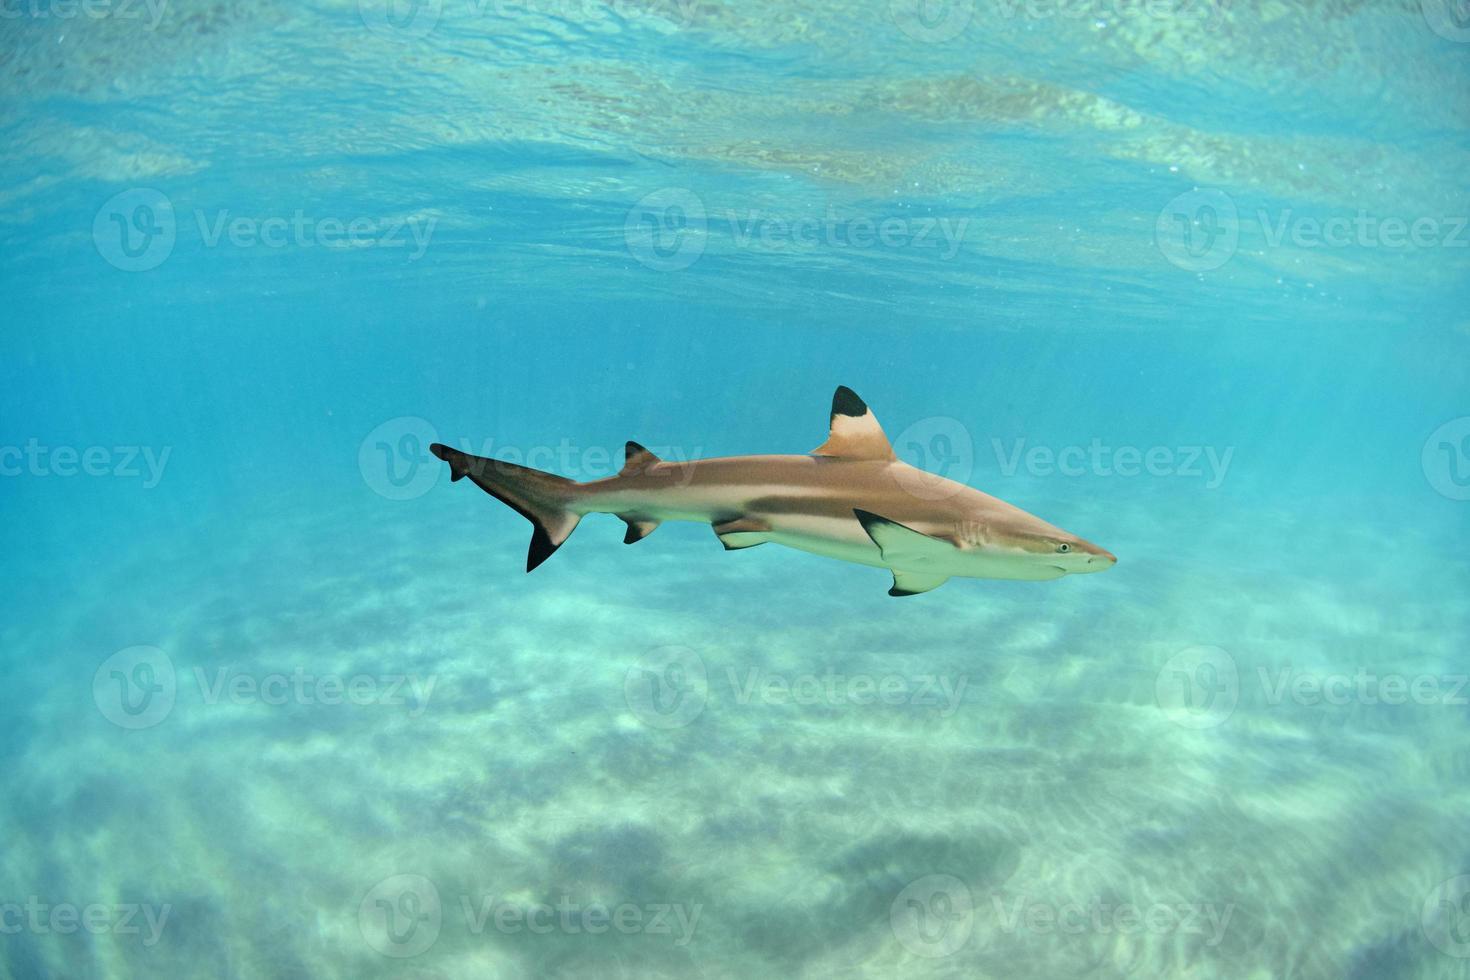 Hawaii-Riffhai mit schwarzer Spitze foto